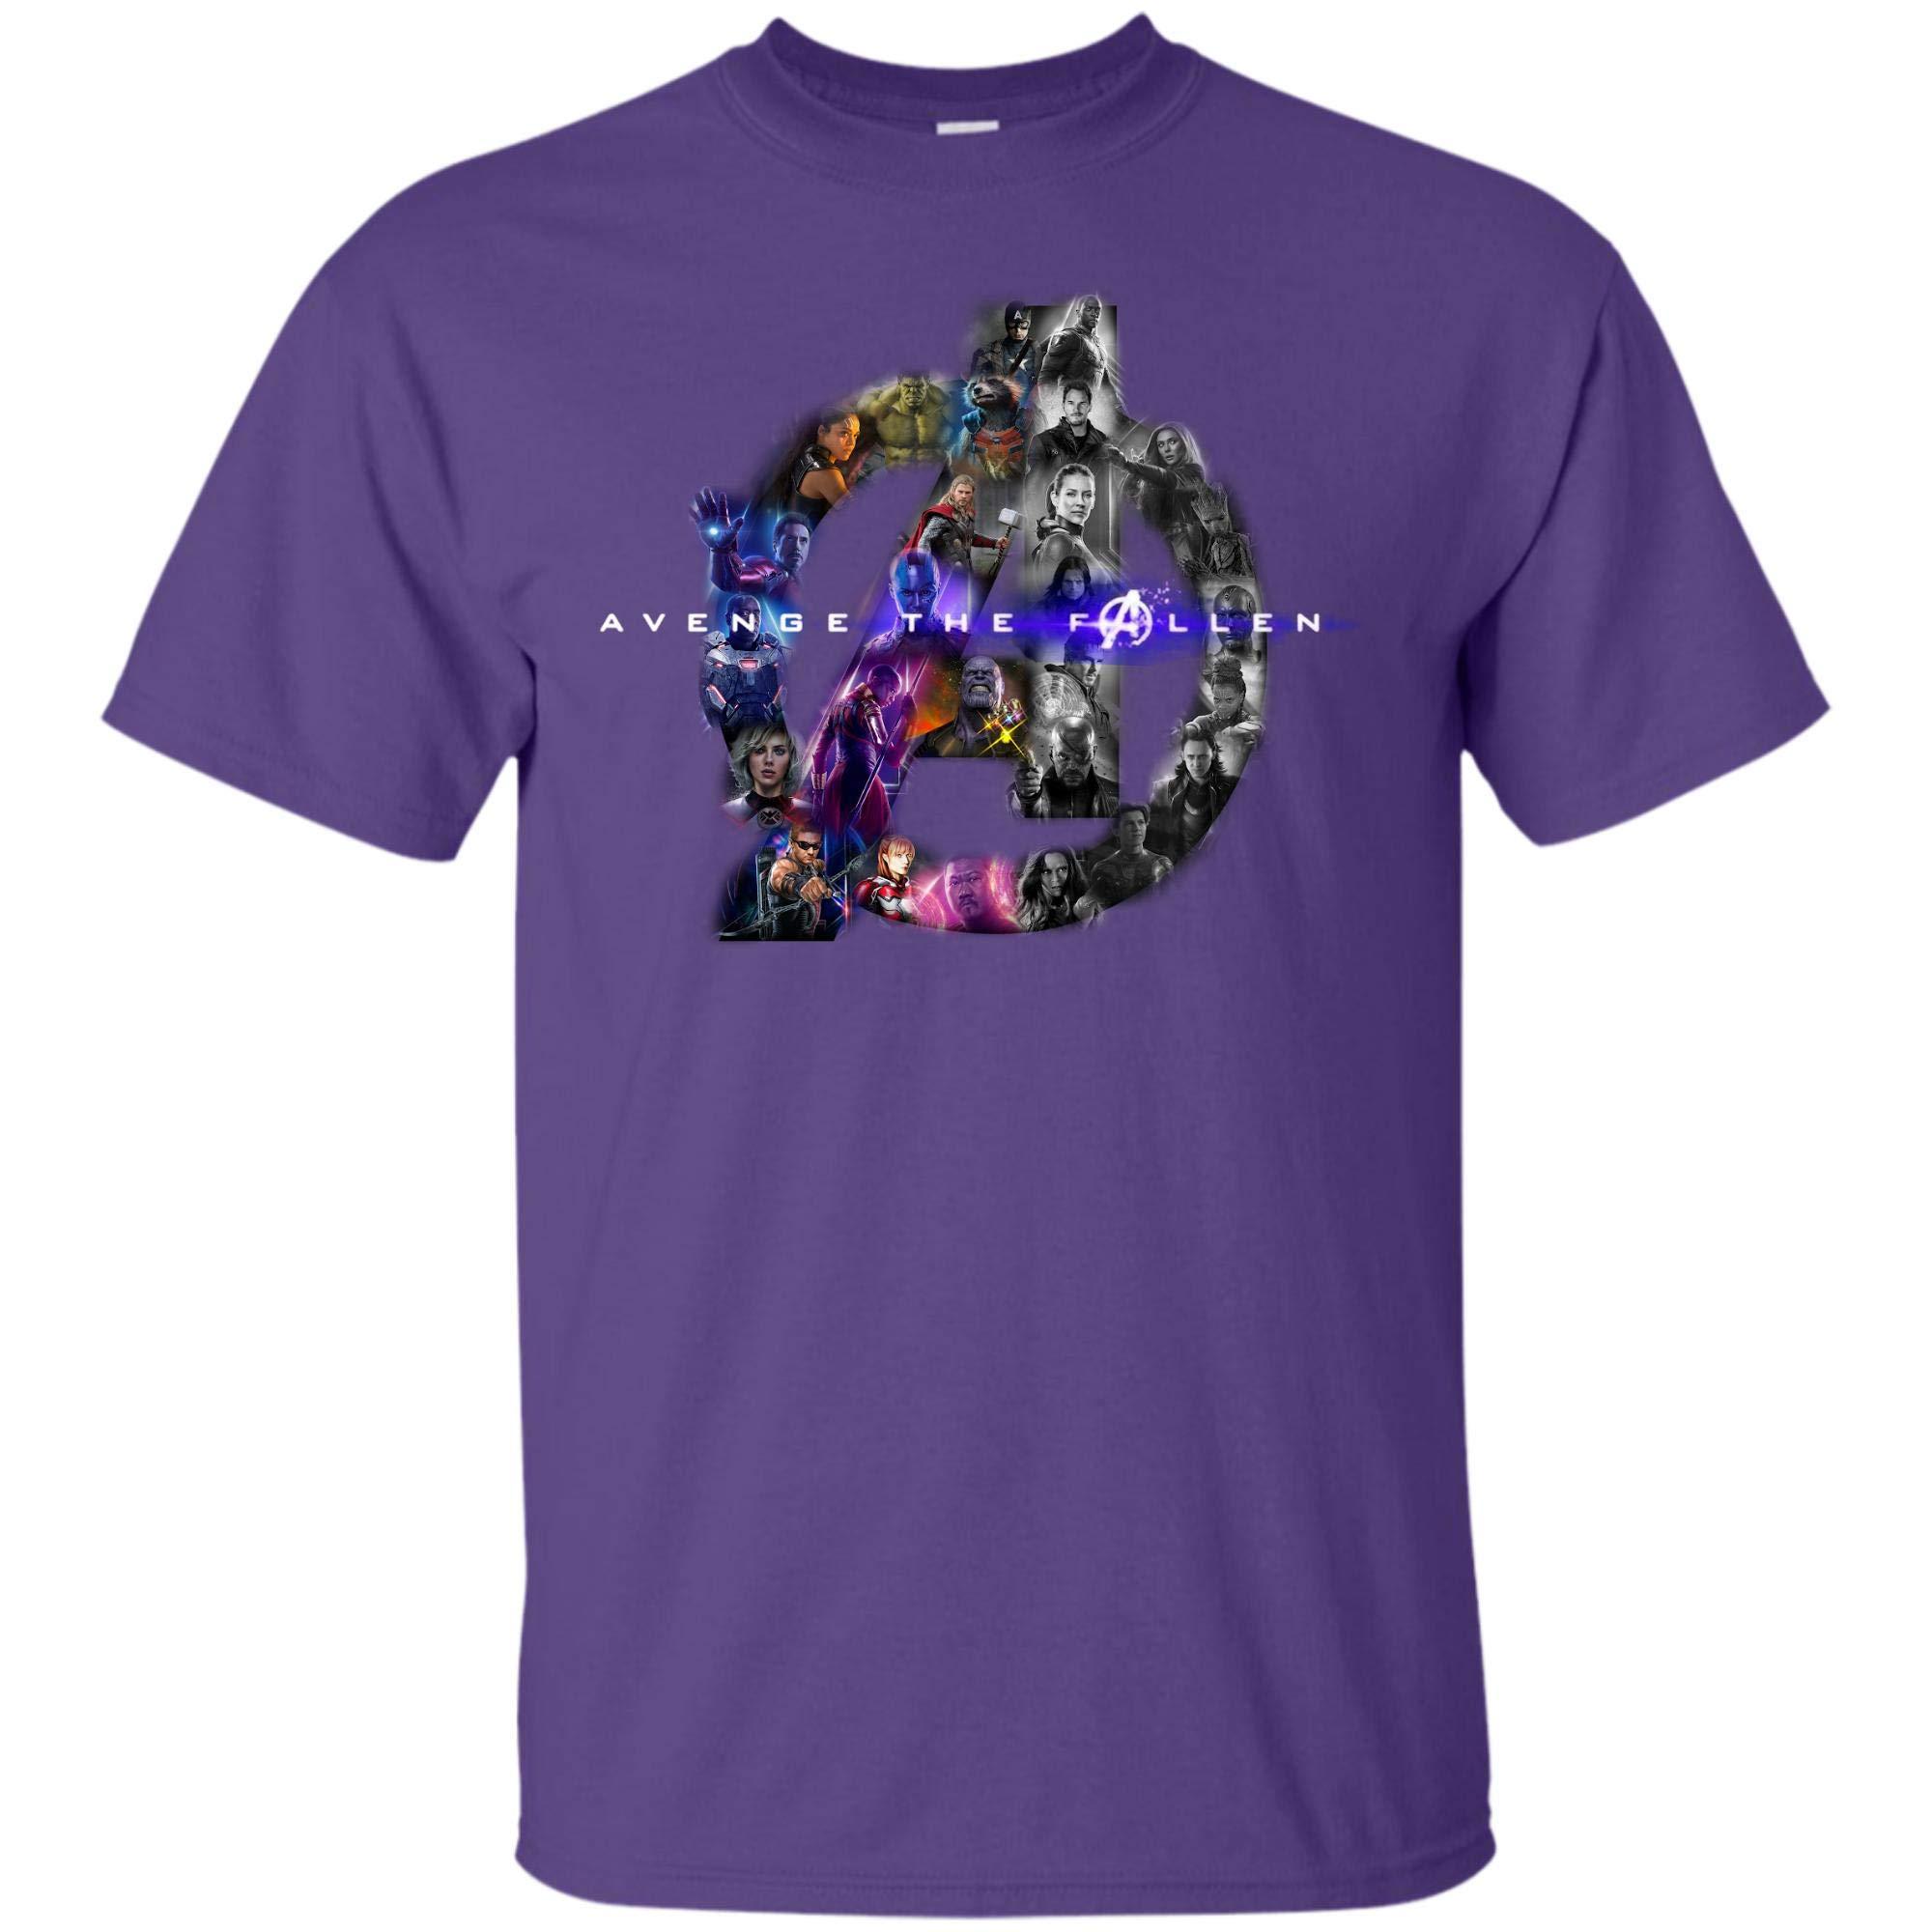 Avenger End Game T Shirt Avenger The Fallen With T Shirt 4174